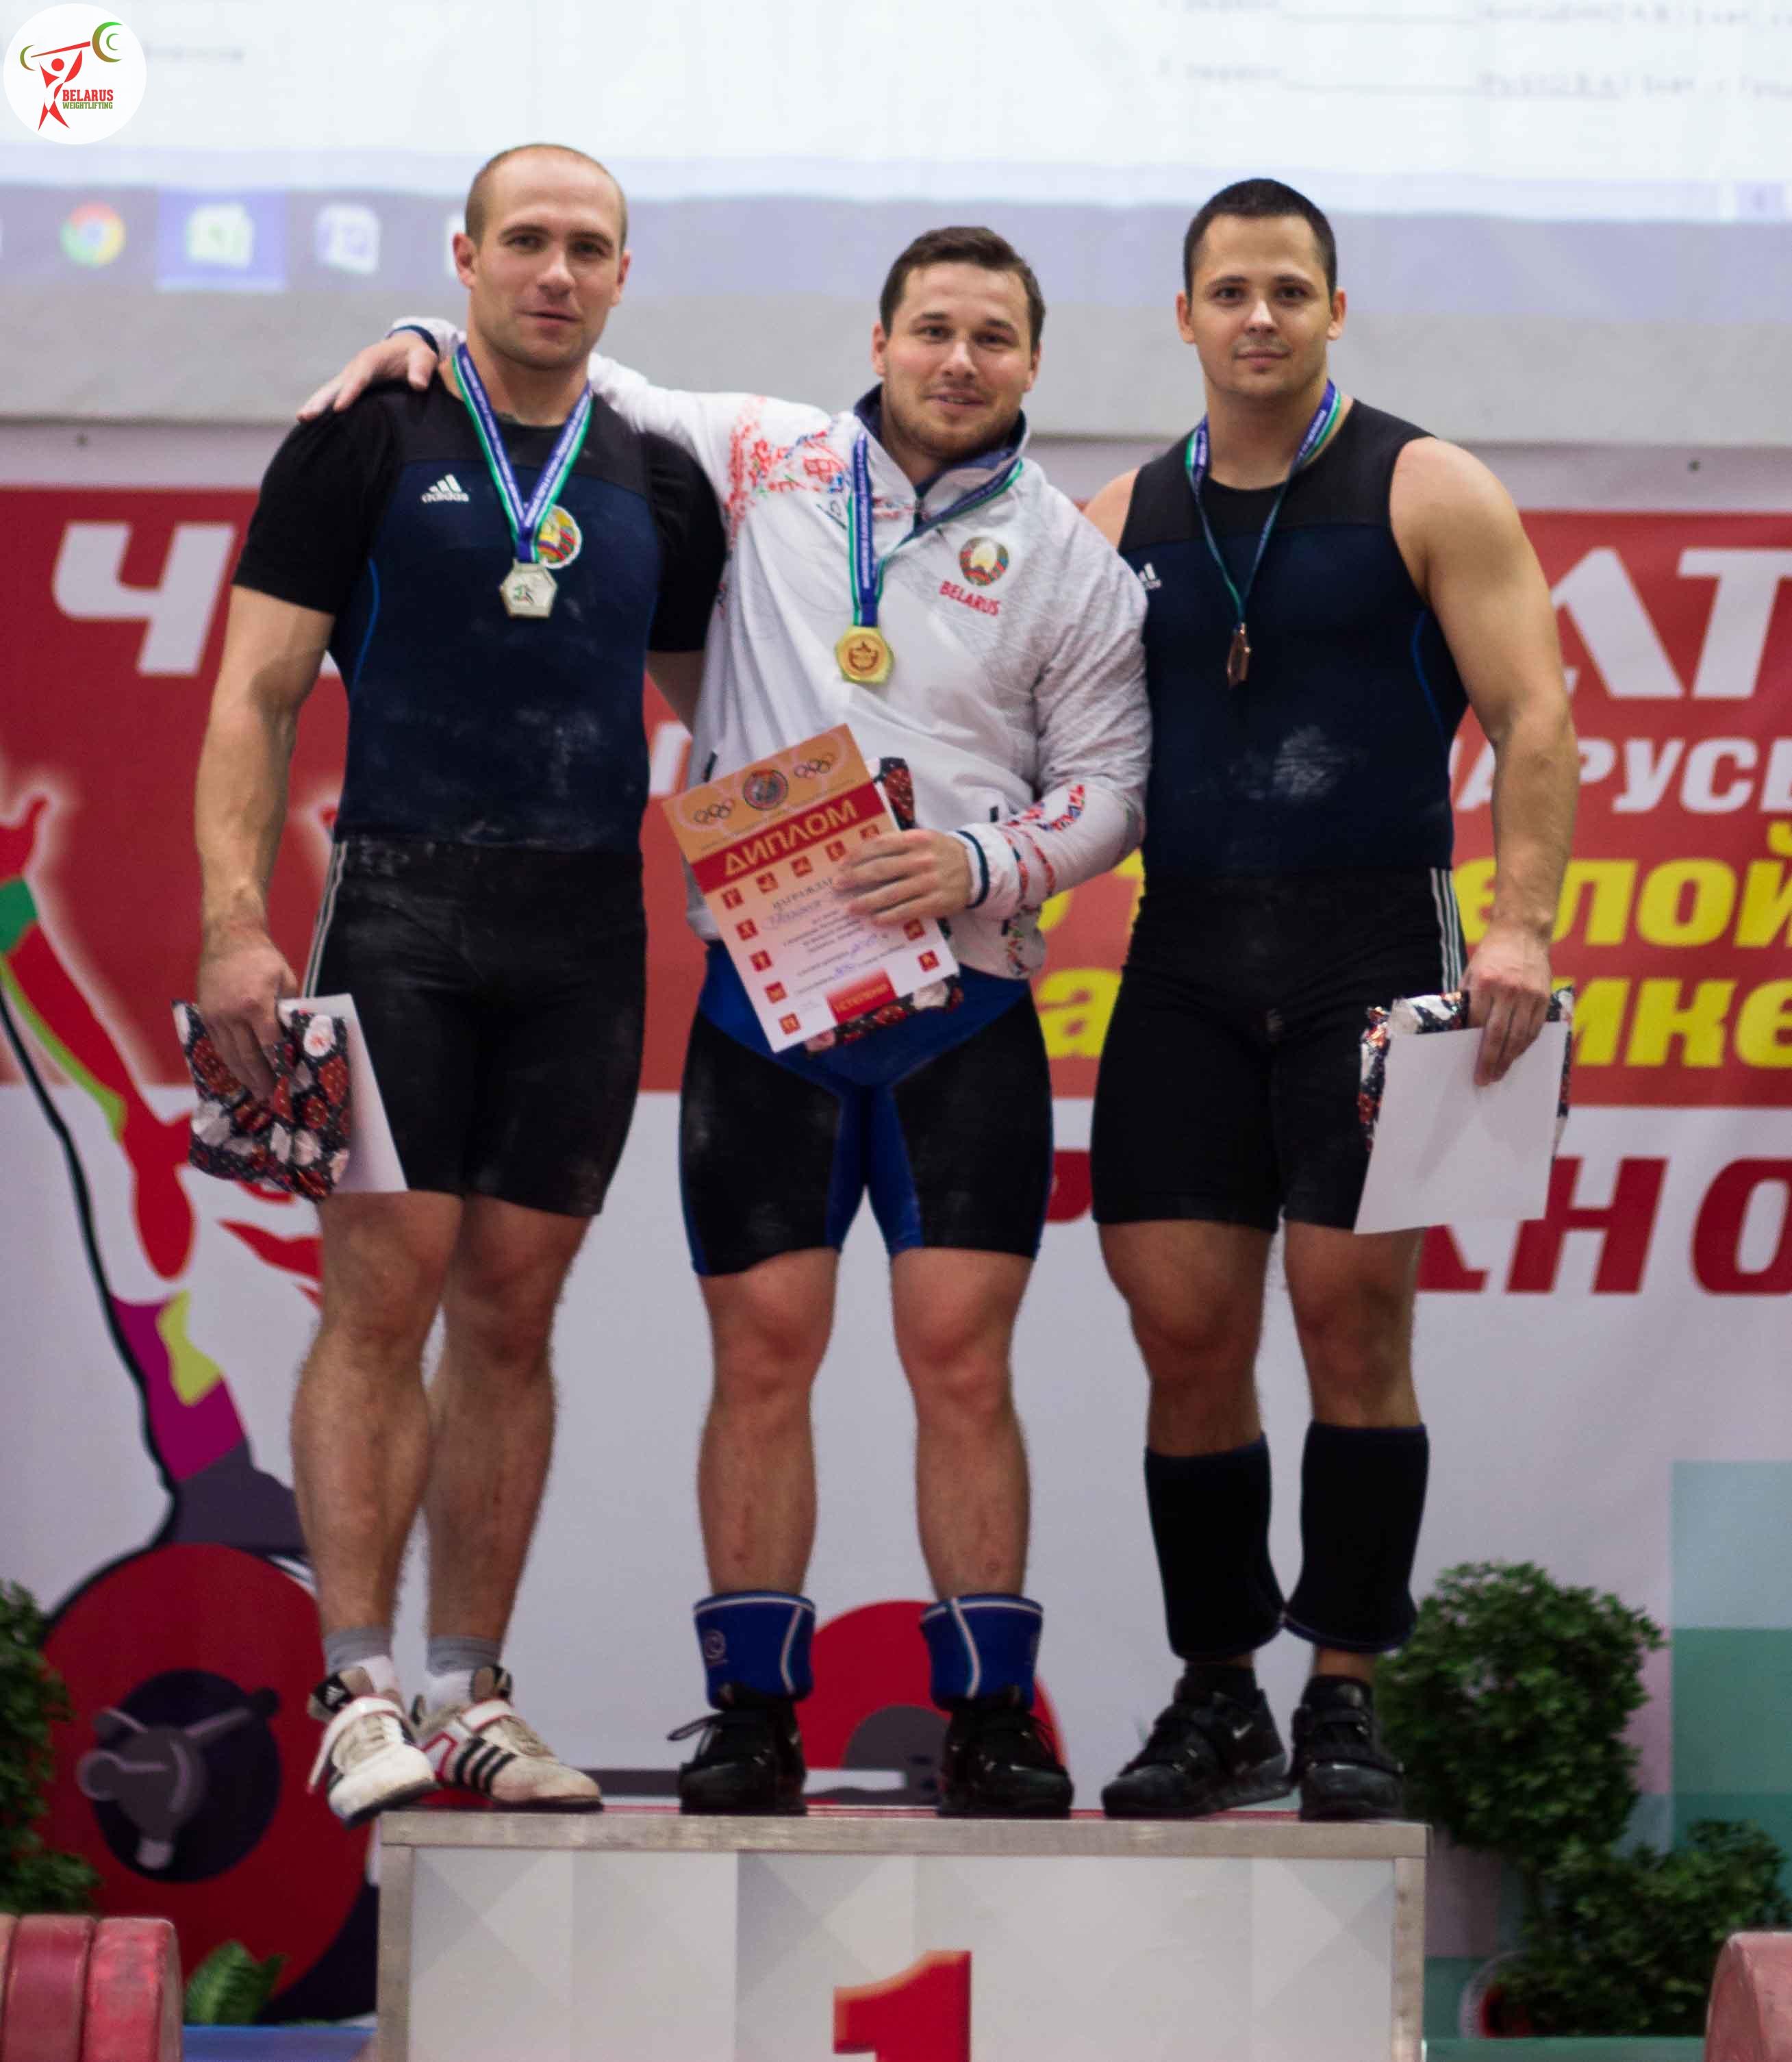 Александр Берсанов, Пётр Асаёнок, Максим Мудревский